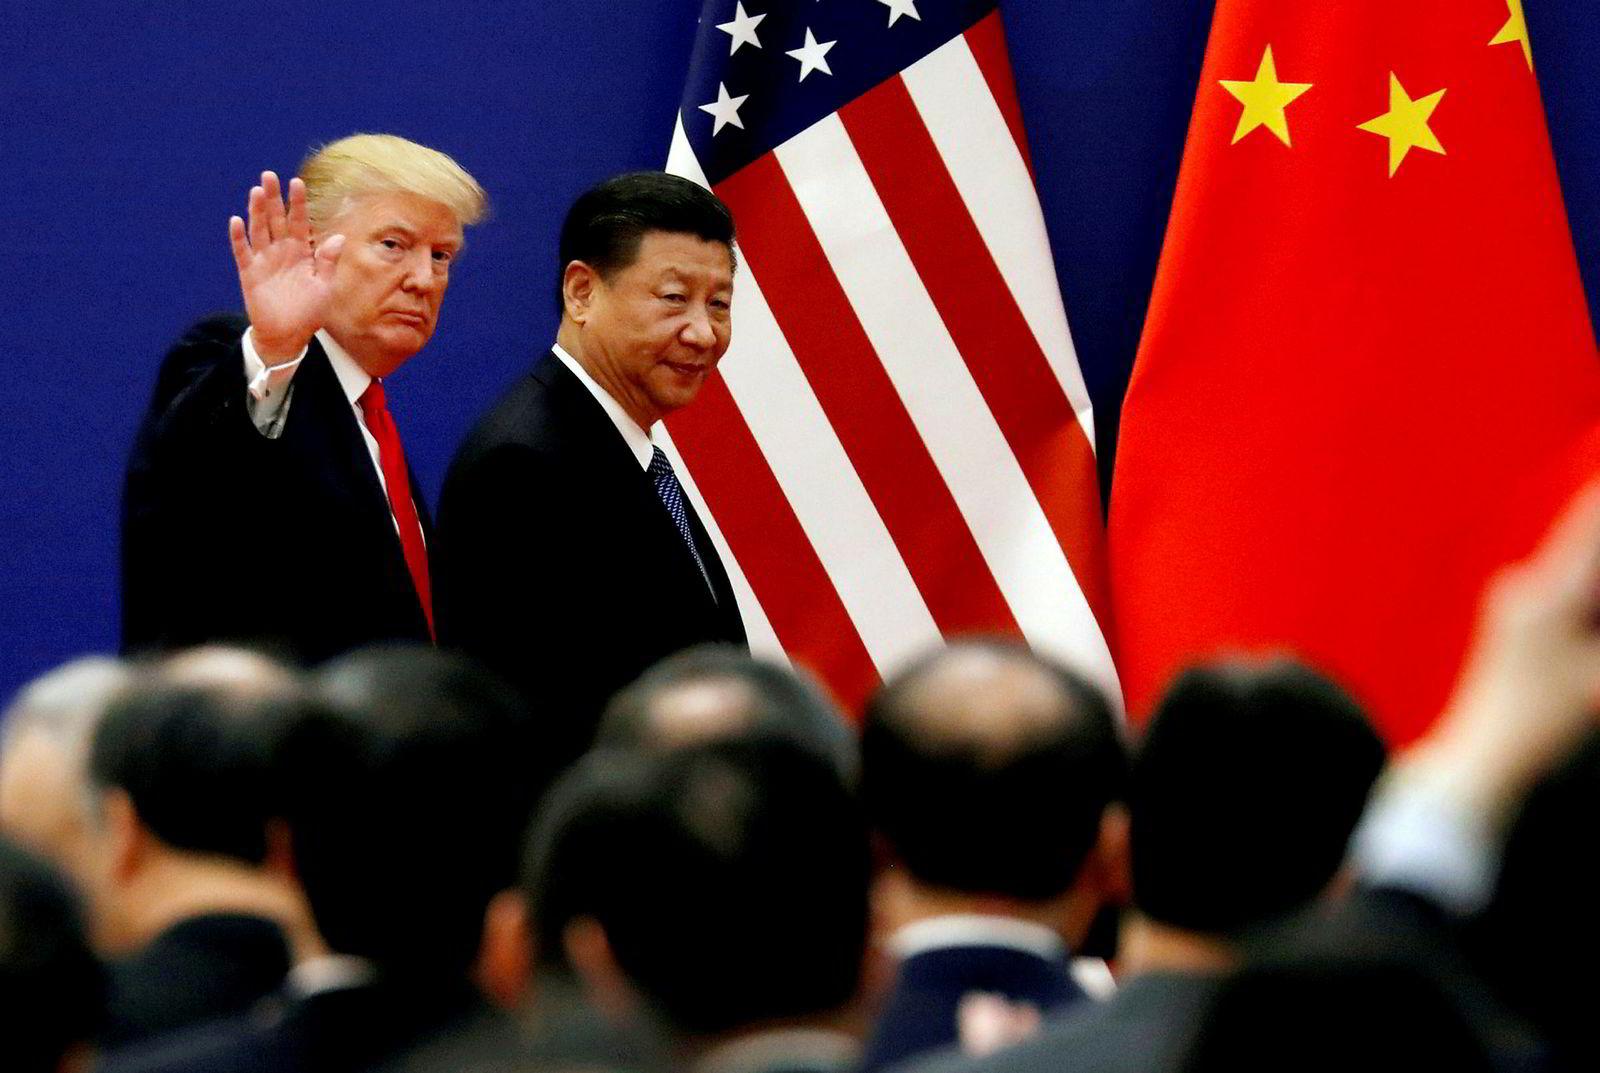 Xi Jinping og Donald Trump skal etter planen møtes for direkte samtaler under G20-møtet i Japan denne helgen.